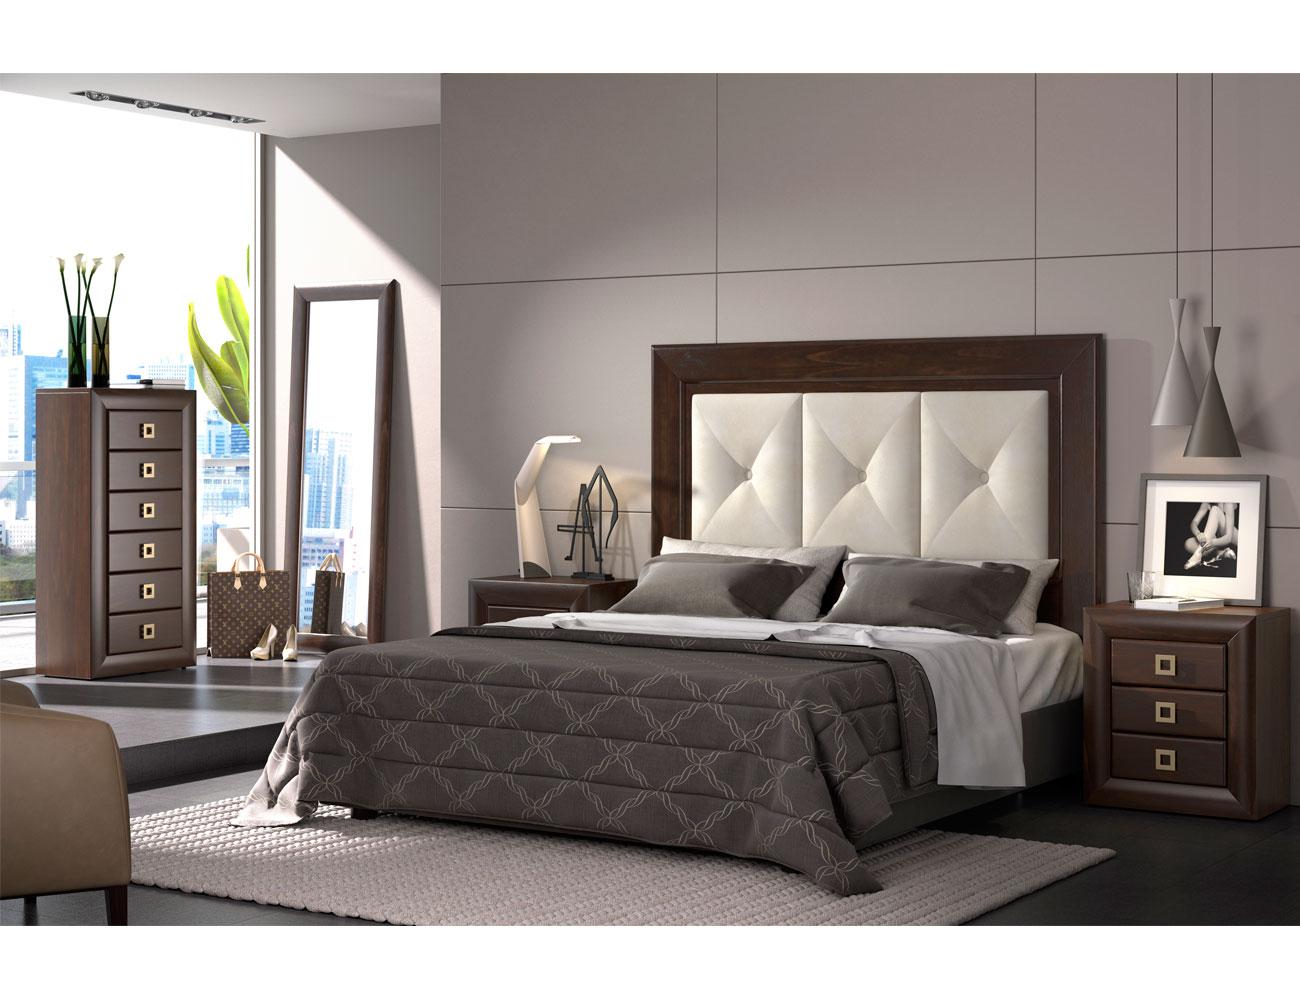 dormitorio de matrimonio con cabecero tapizado en color